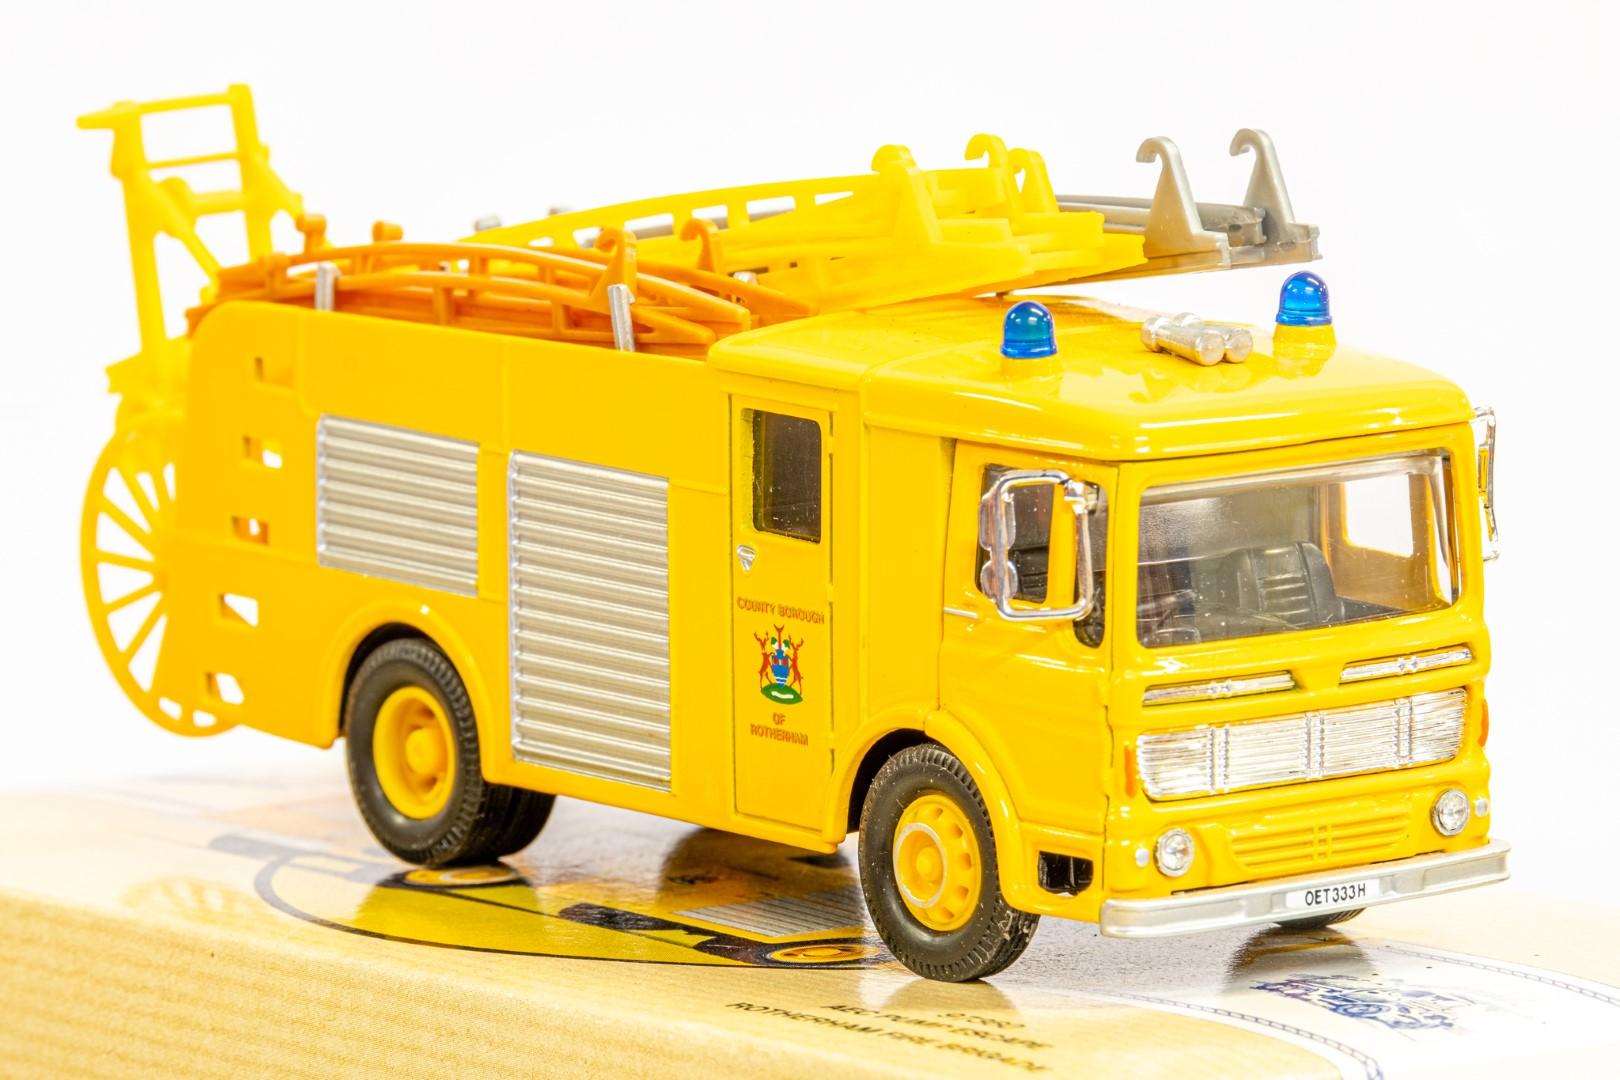 Corgi AEC Pump Escape - Rotherham Fire Brigade - Image 8 of 8